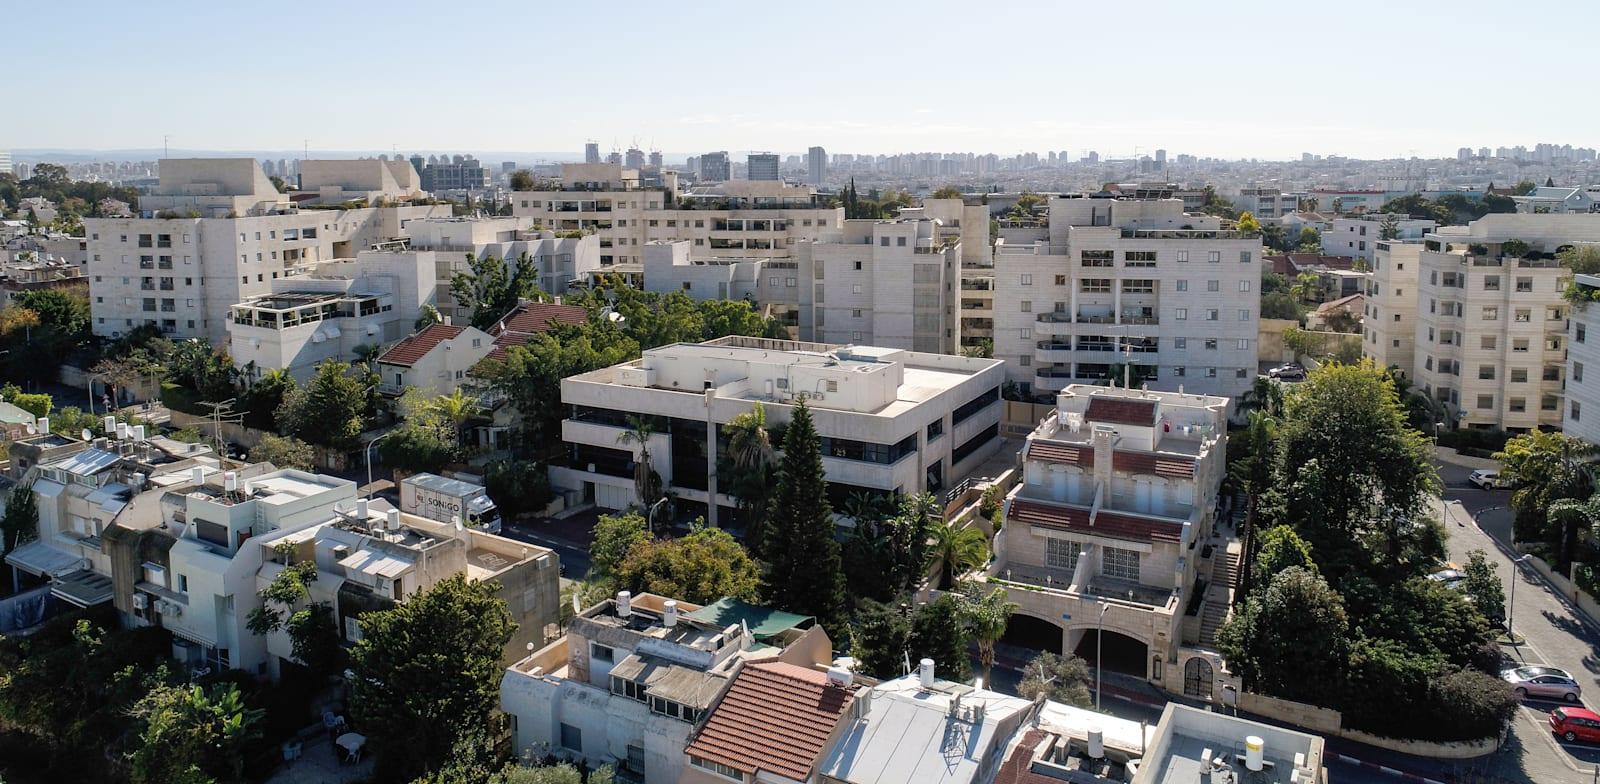 בניין המשרדים (במרכז התמונה) ברחוב חיים הזז 16-18 בתל אביב / צילום: GRIFFING AERIAL PHOTOS